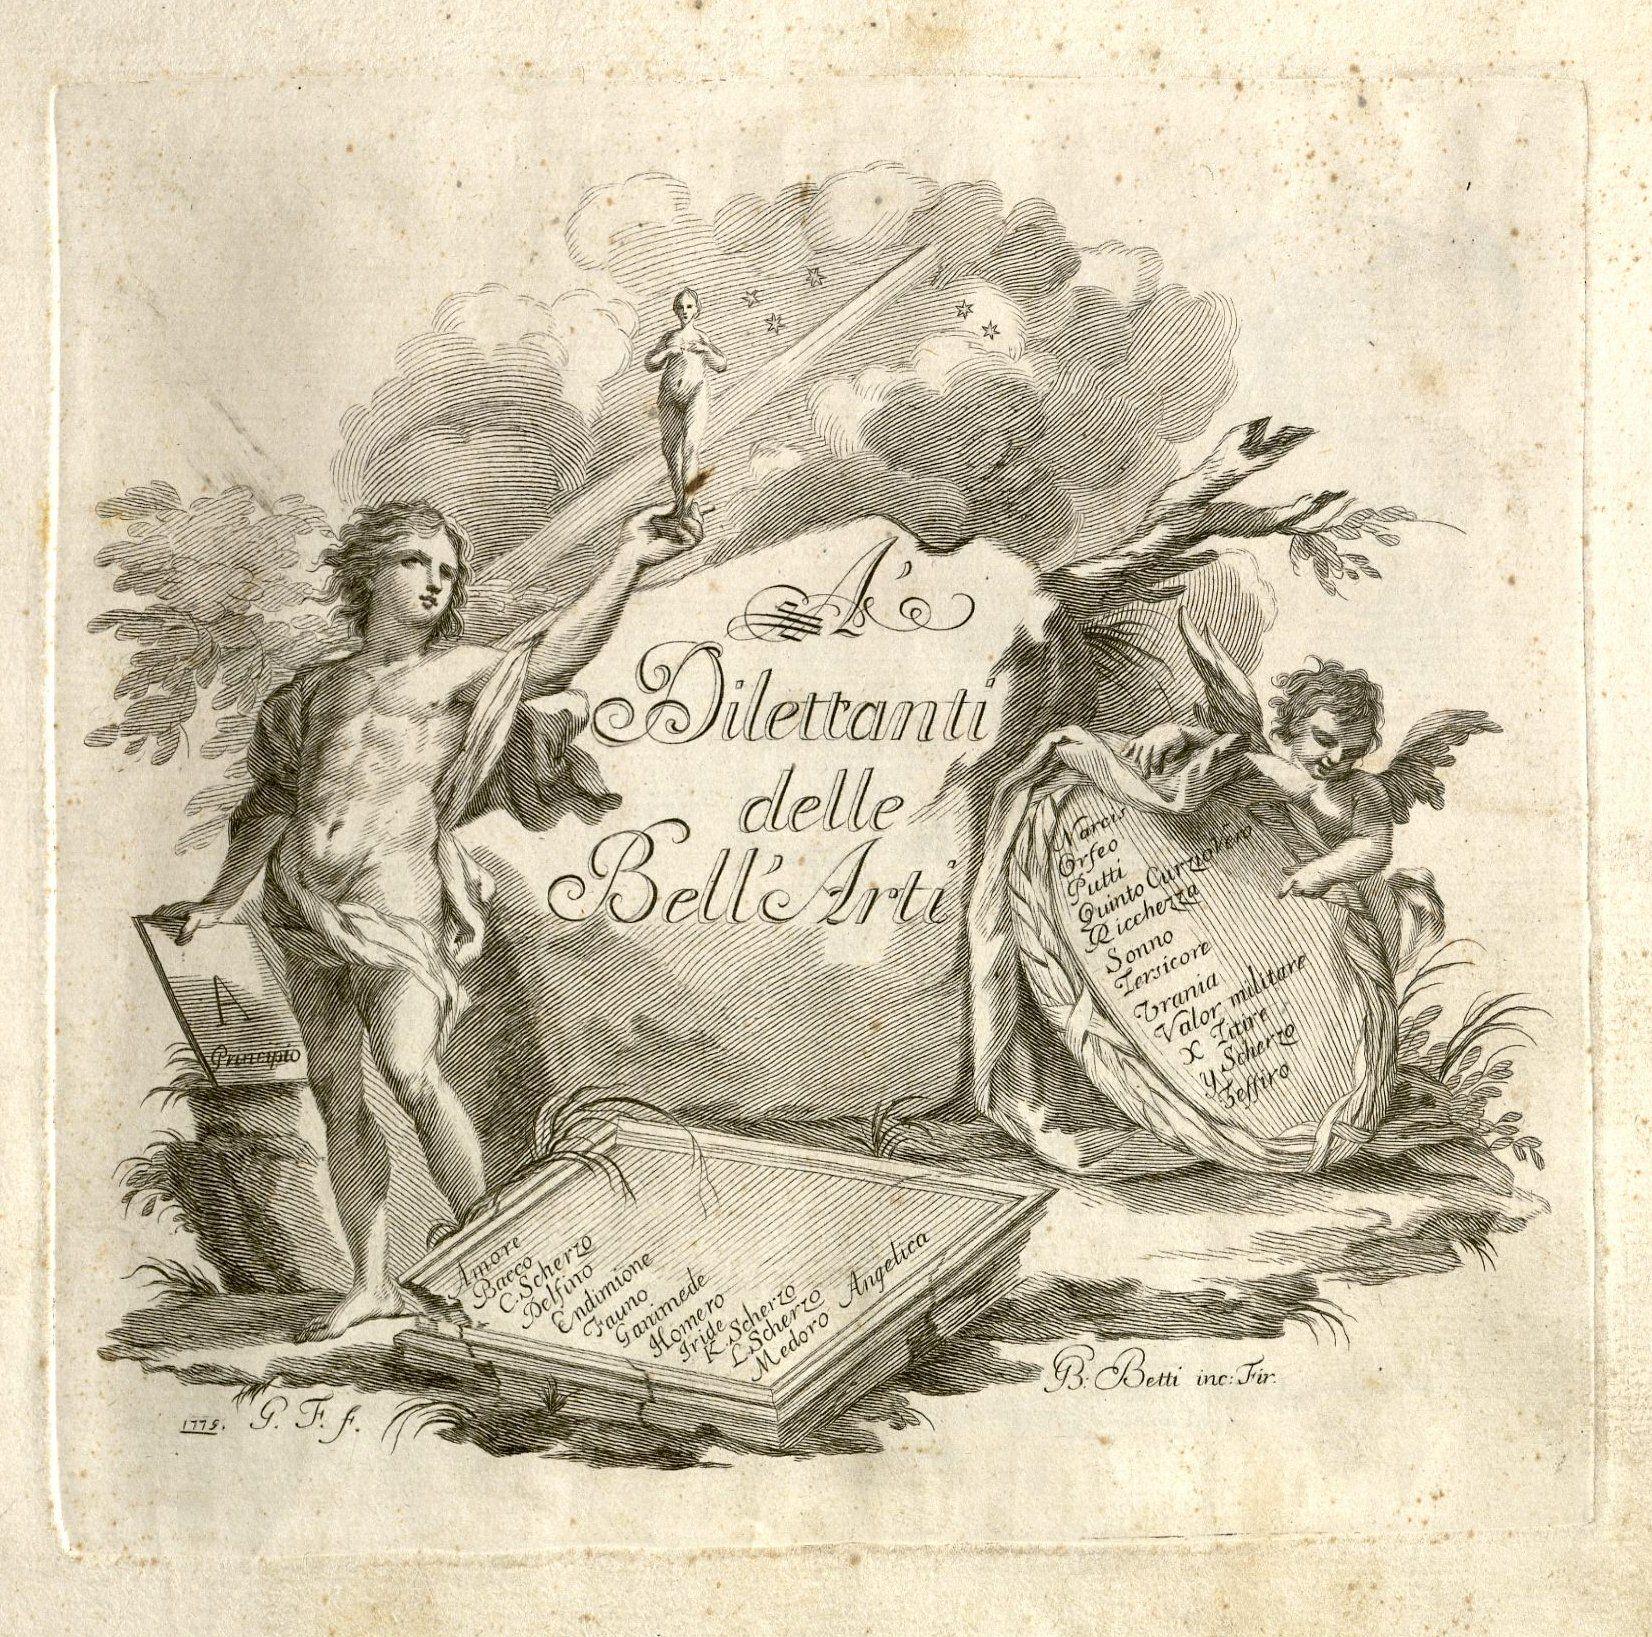 Betti, Giovanni Battista. A' dilettanti delle bell'arti. Firenze, 1779. Title page 2013H-10